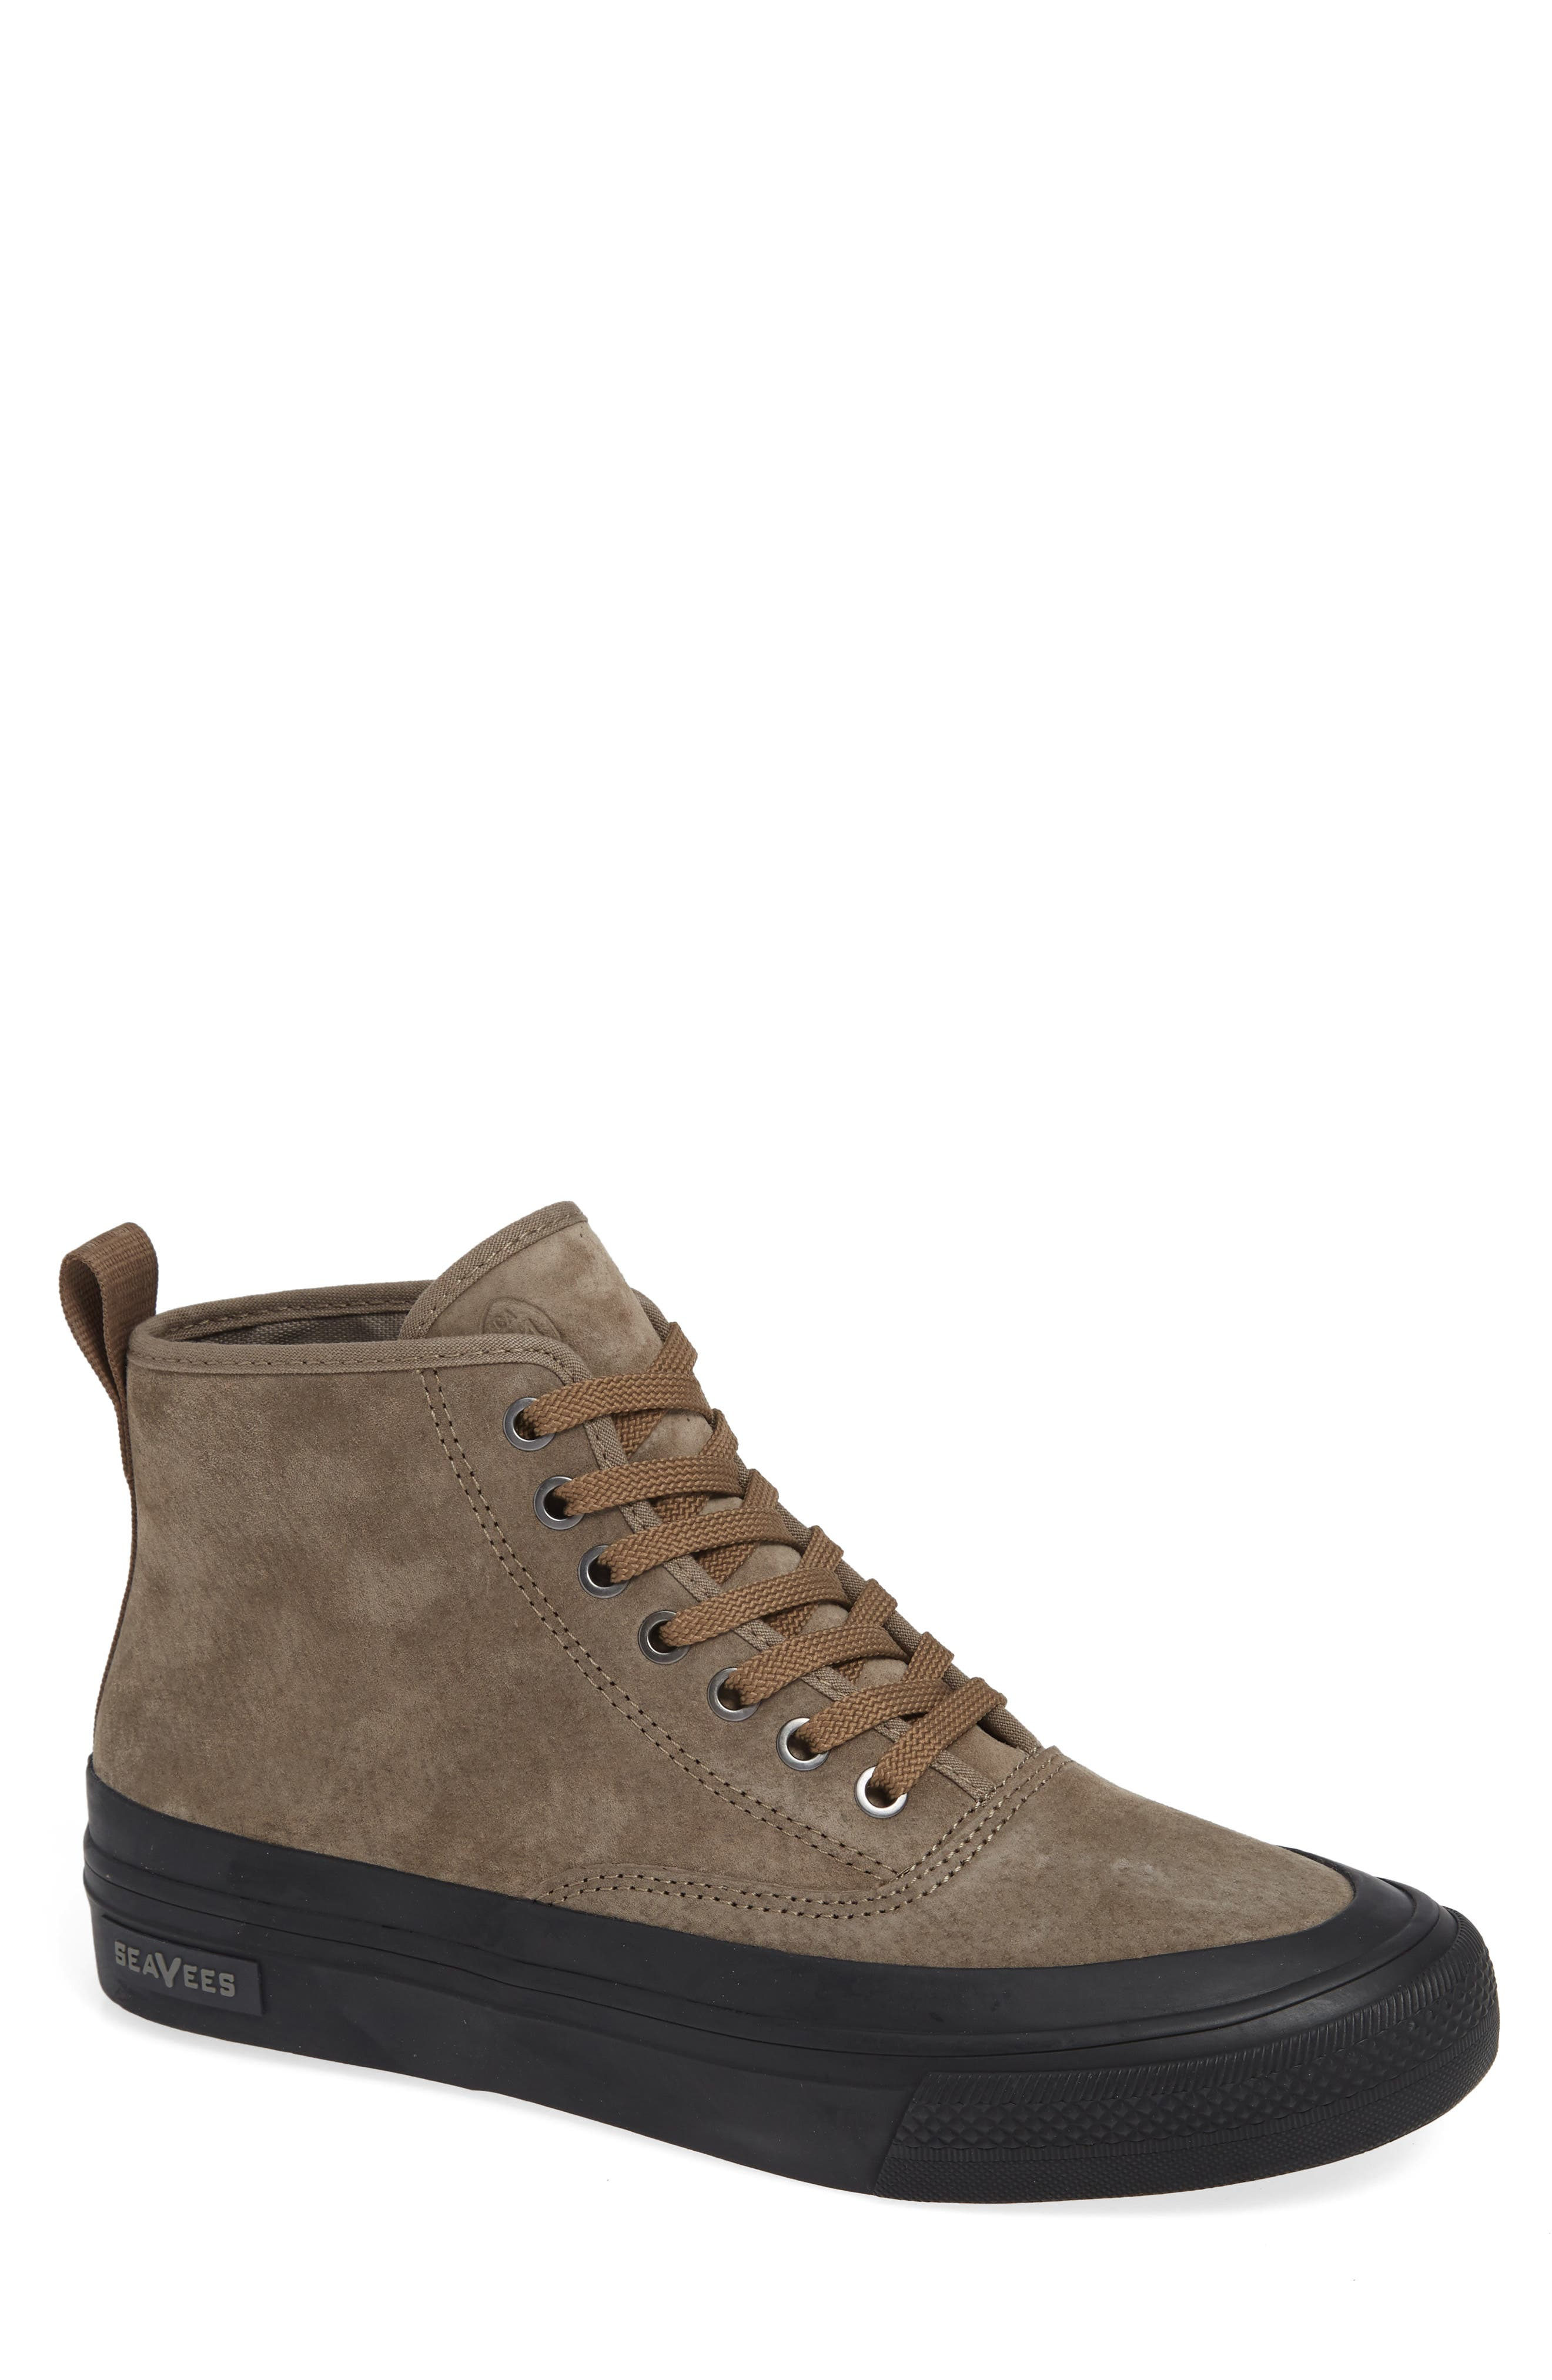 Mariners Waterproof Sneaker,                         Main,                         color, BROWN SUEDE